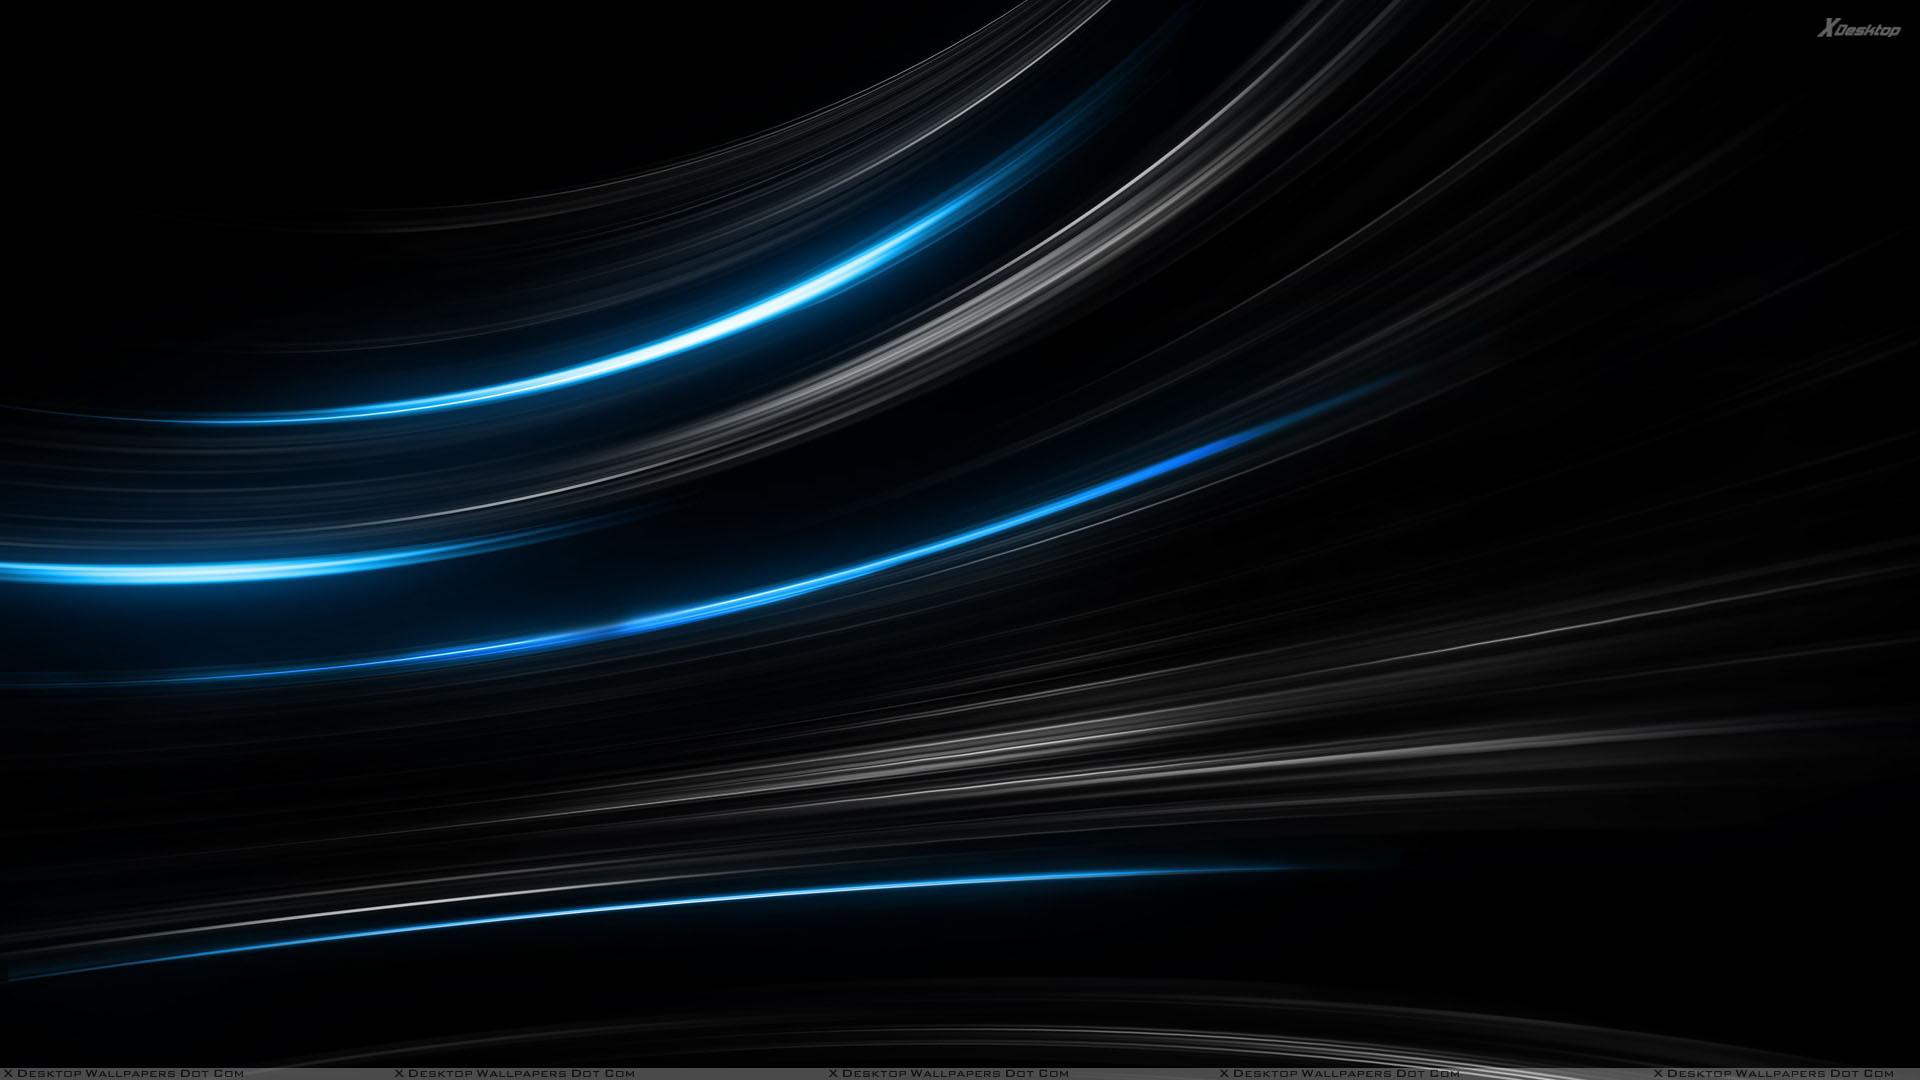 black and blue desktop wallpaper 20 desktop background